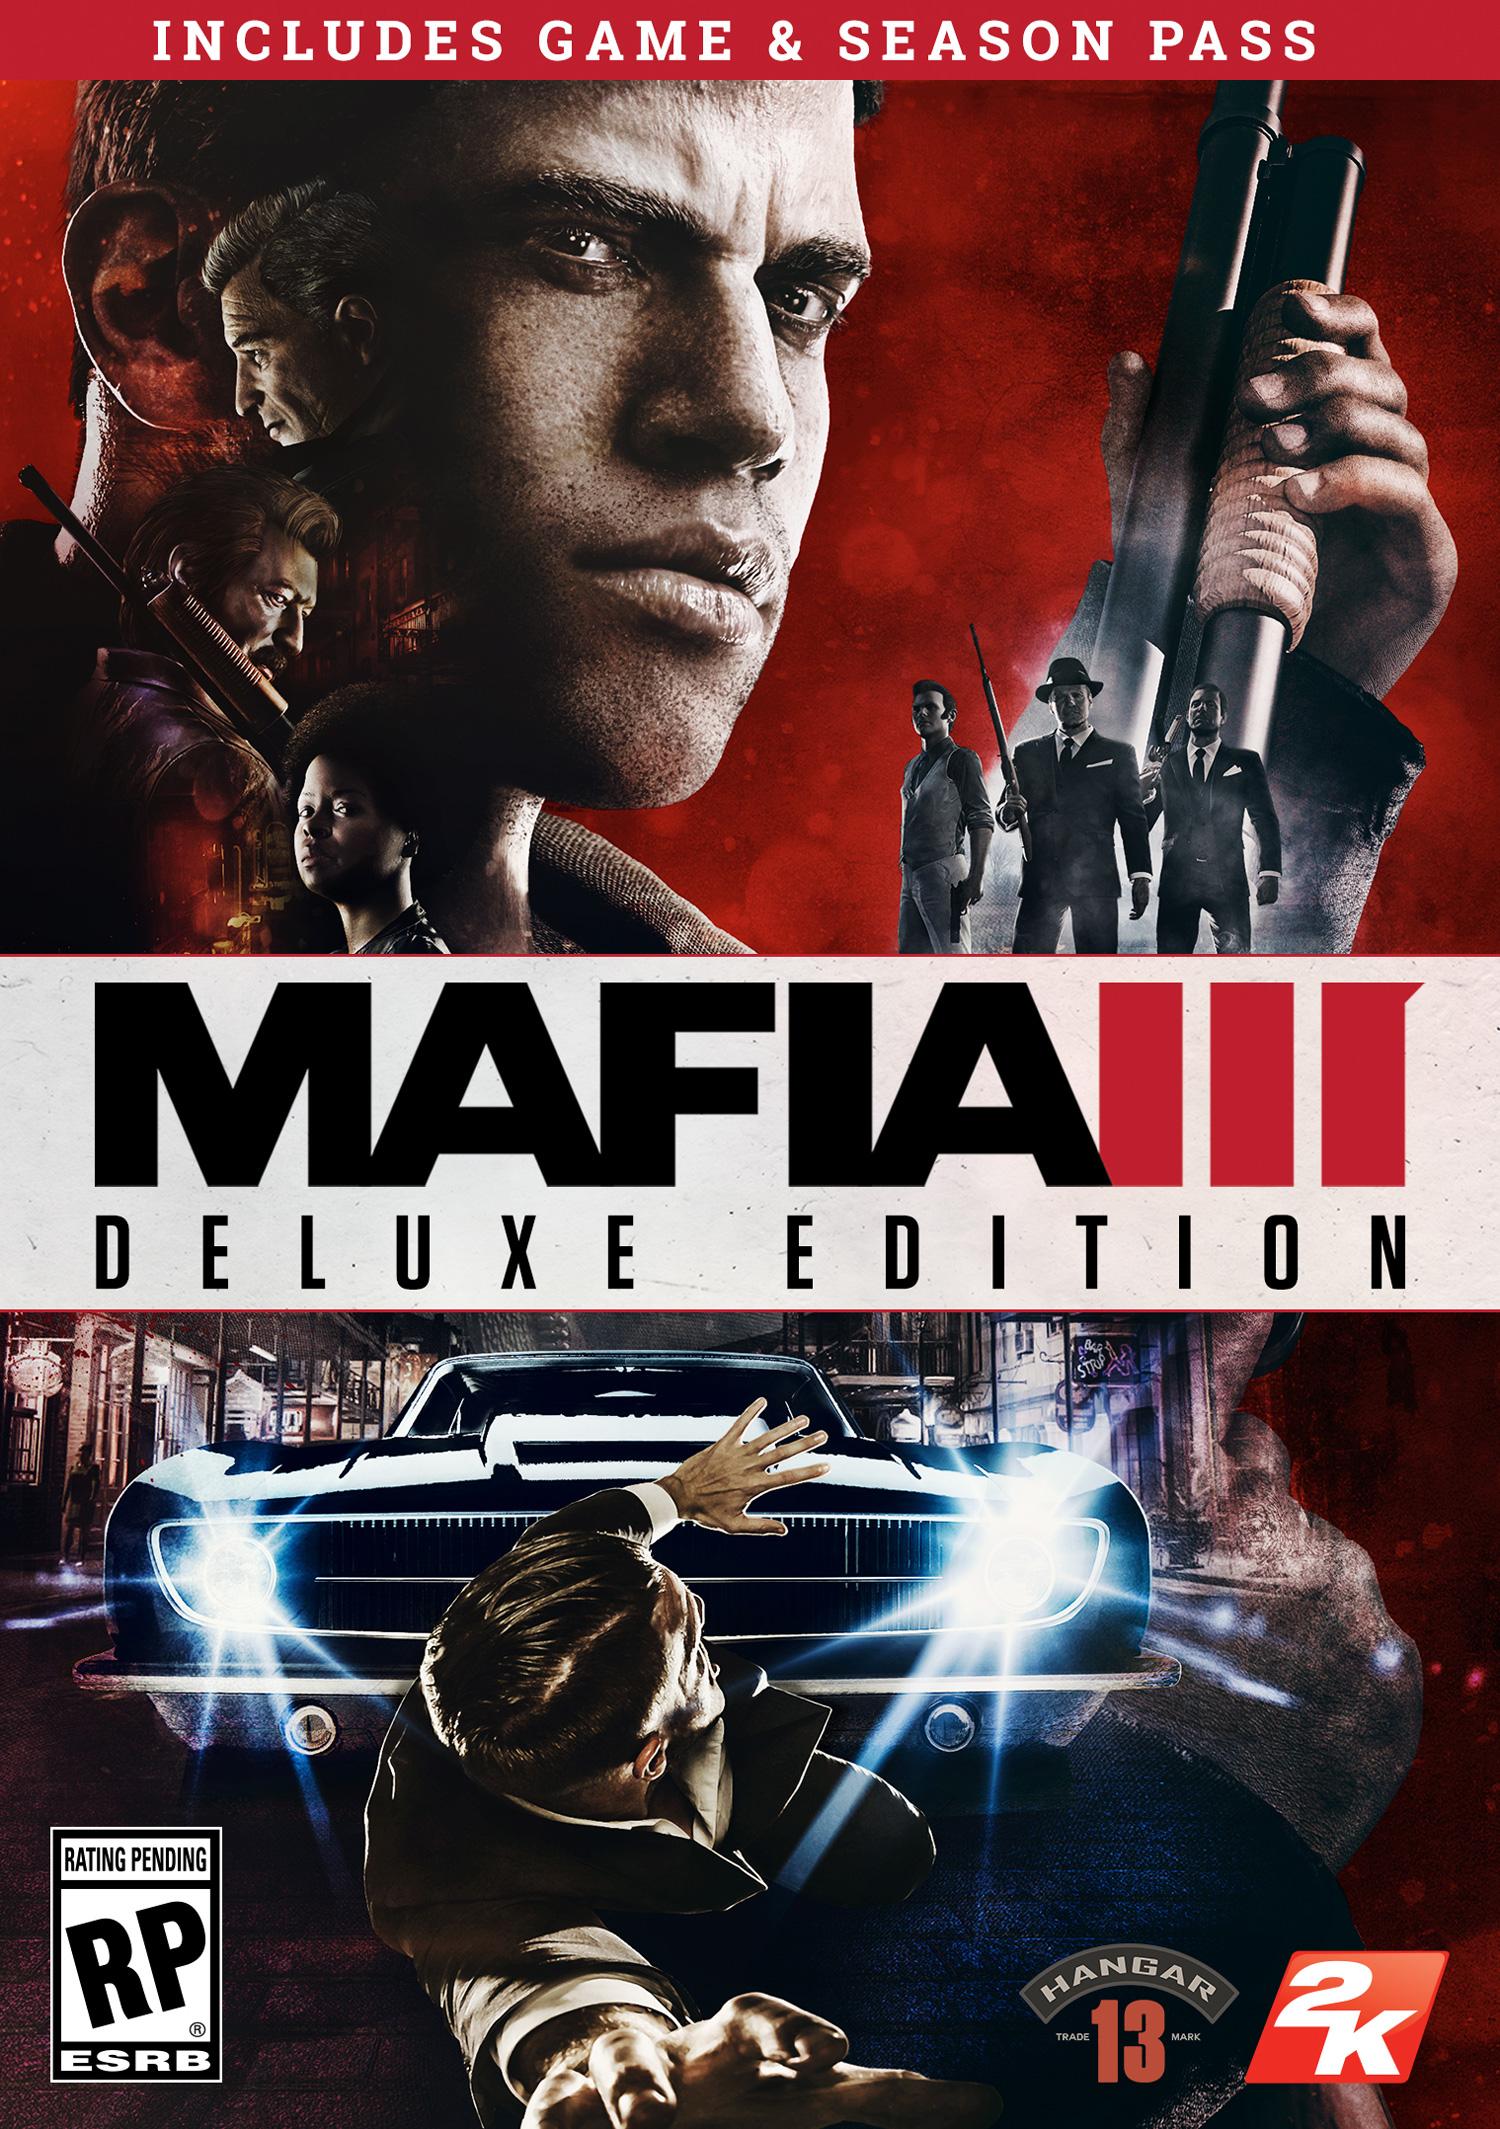 mafia3_deluxe